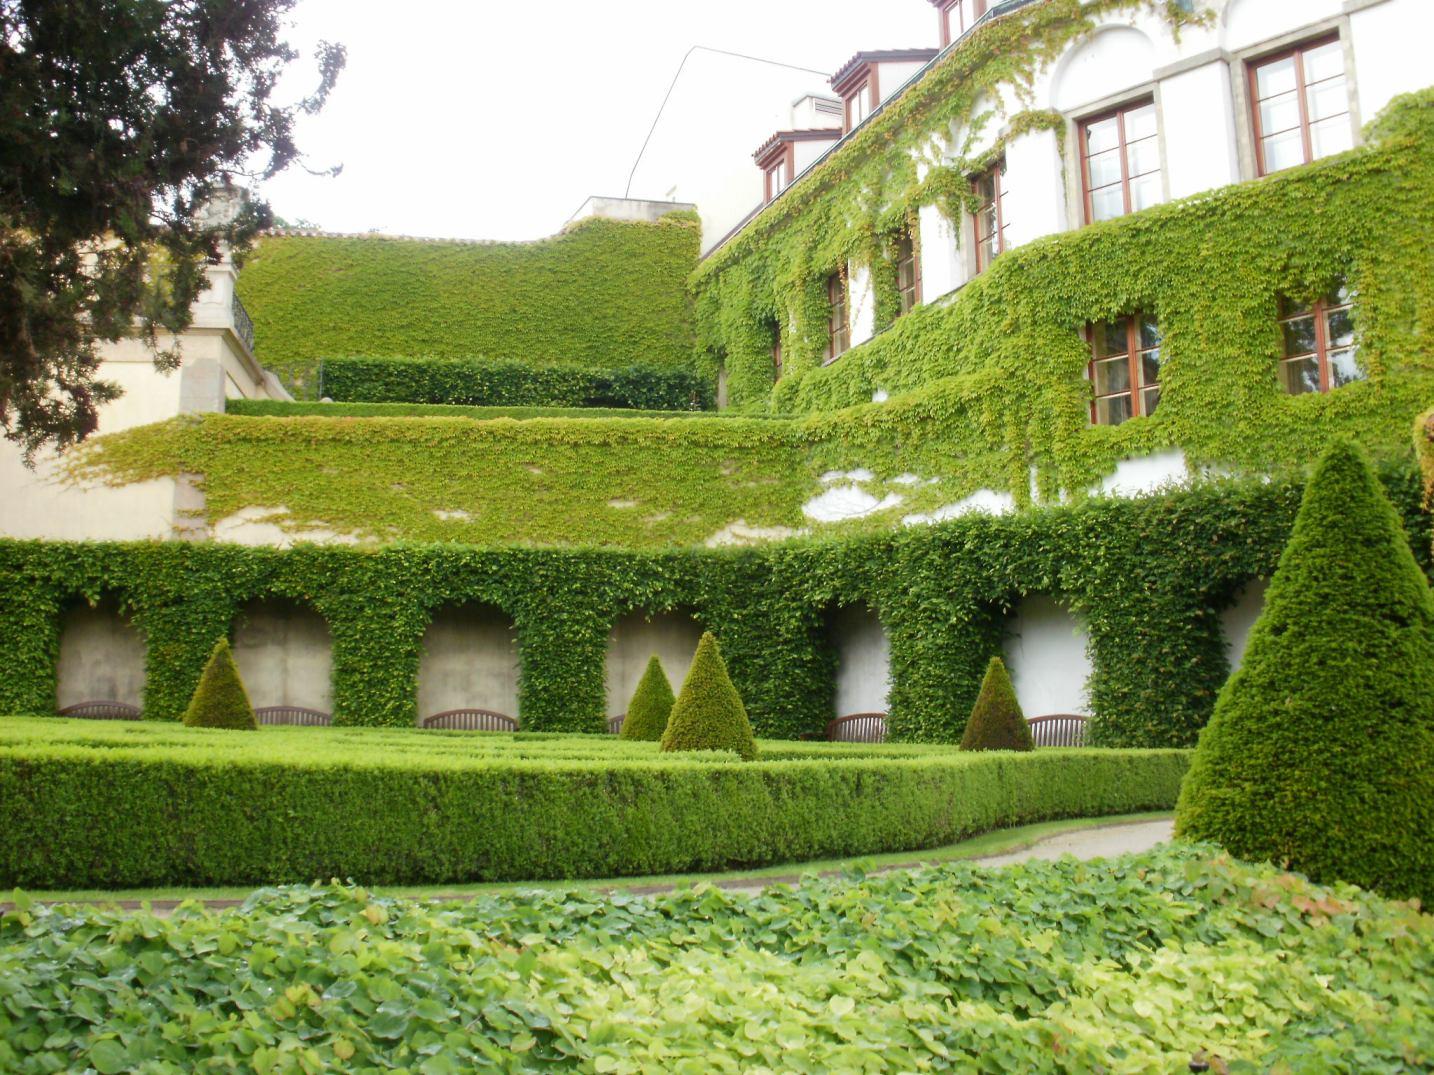 Vrtbovská zahrada - zelené terasy